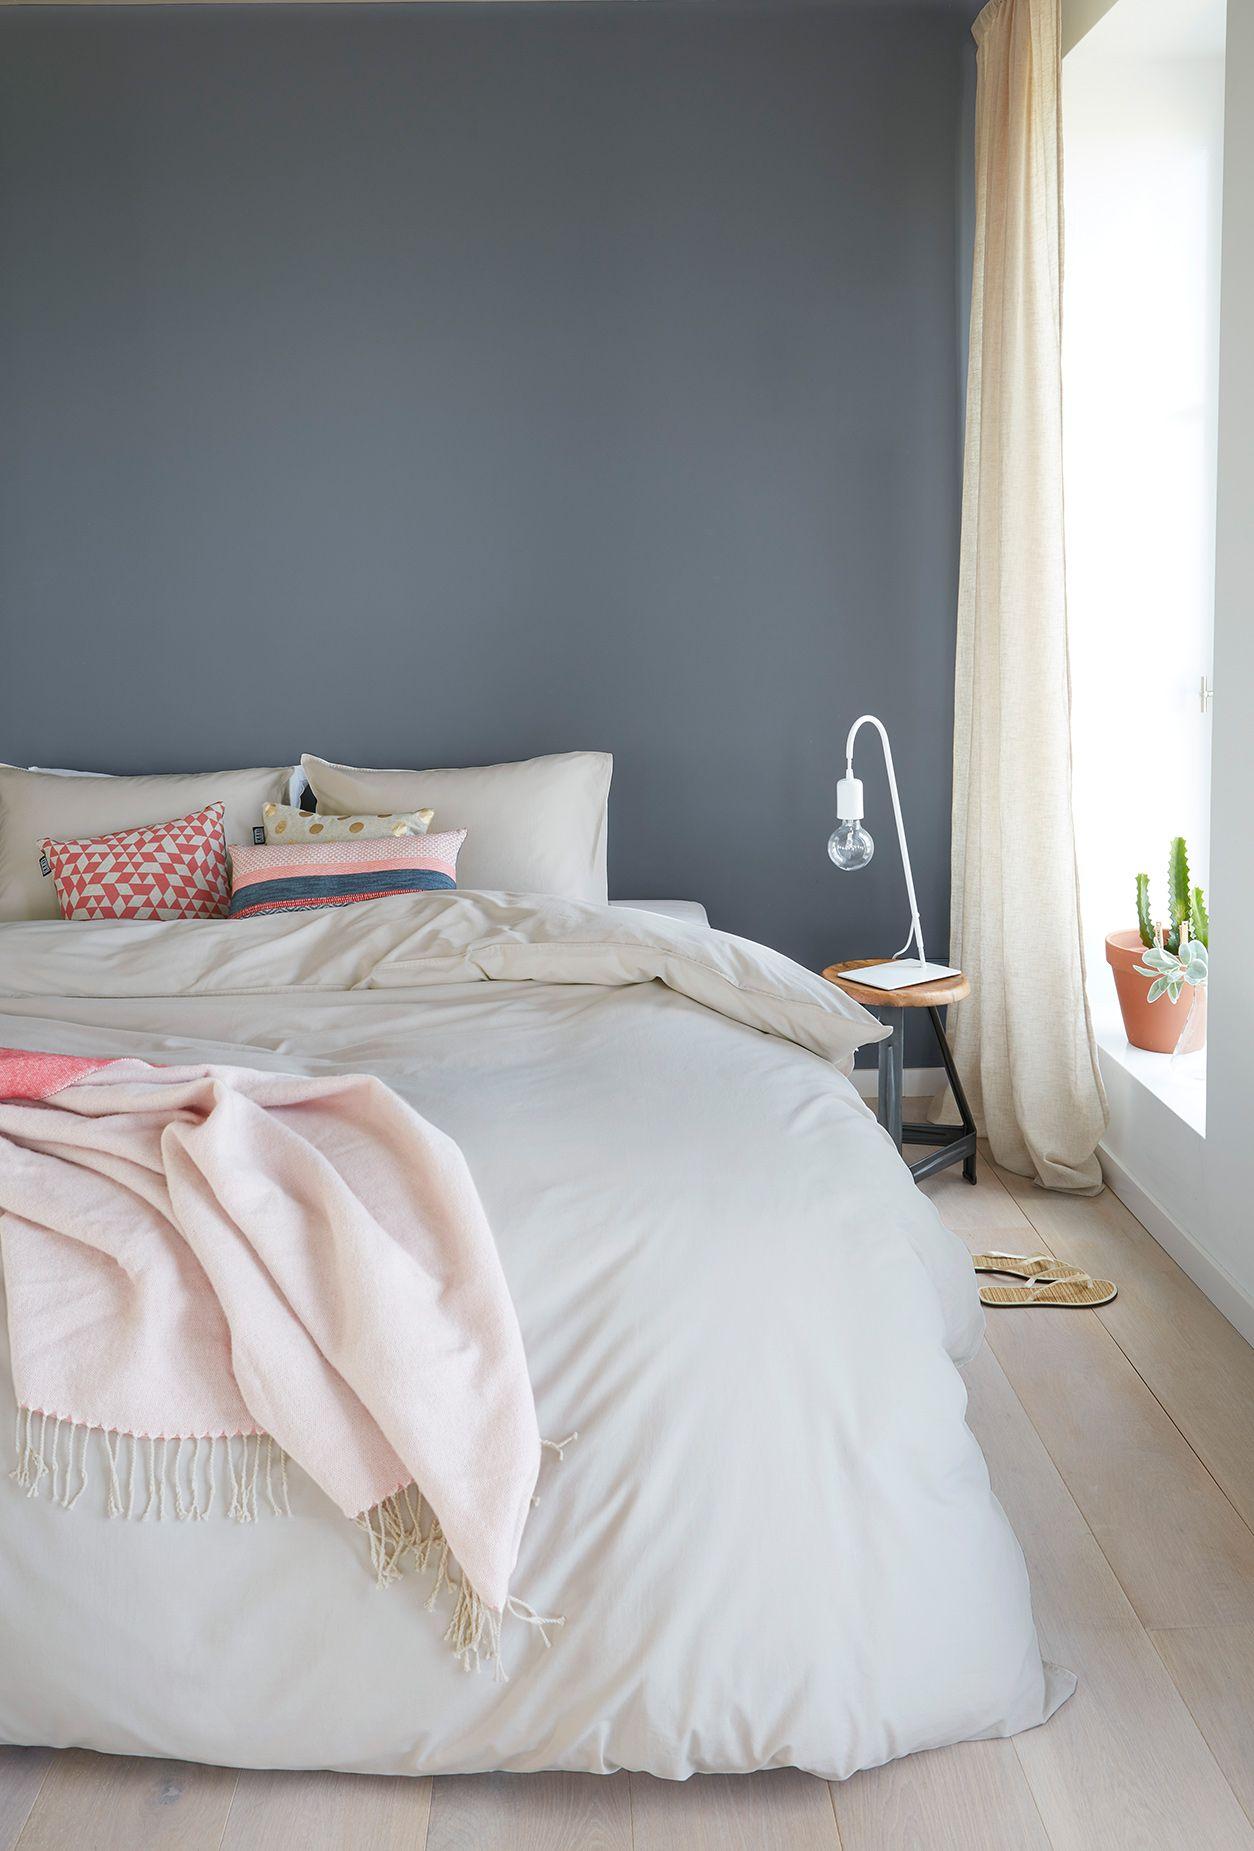 Kleine esszimmer ideen grau ein hübsches blaugrau als wandfarbe im schlafzimmer kolorat